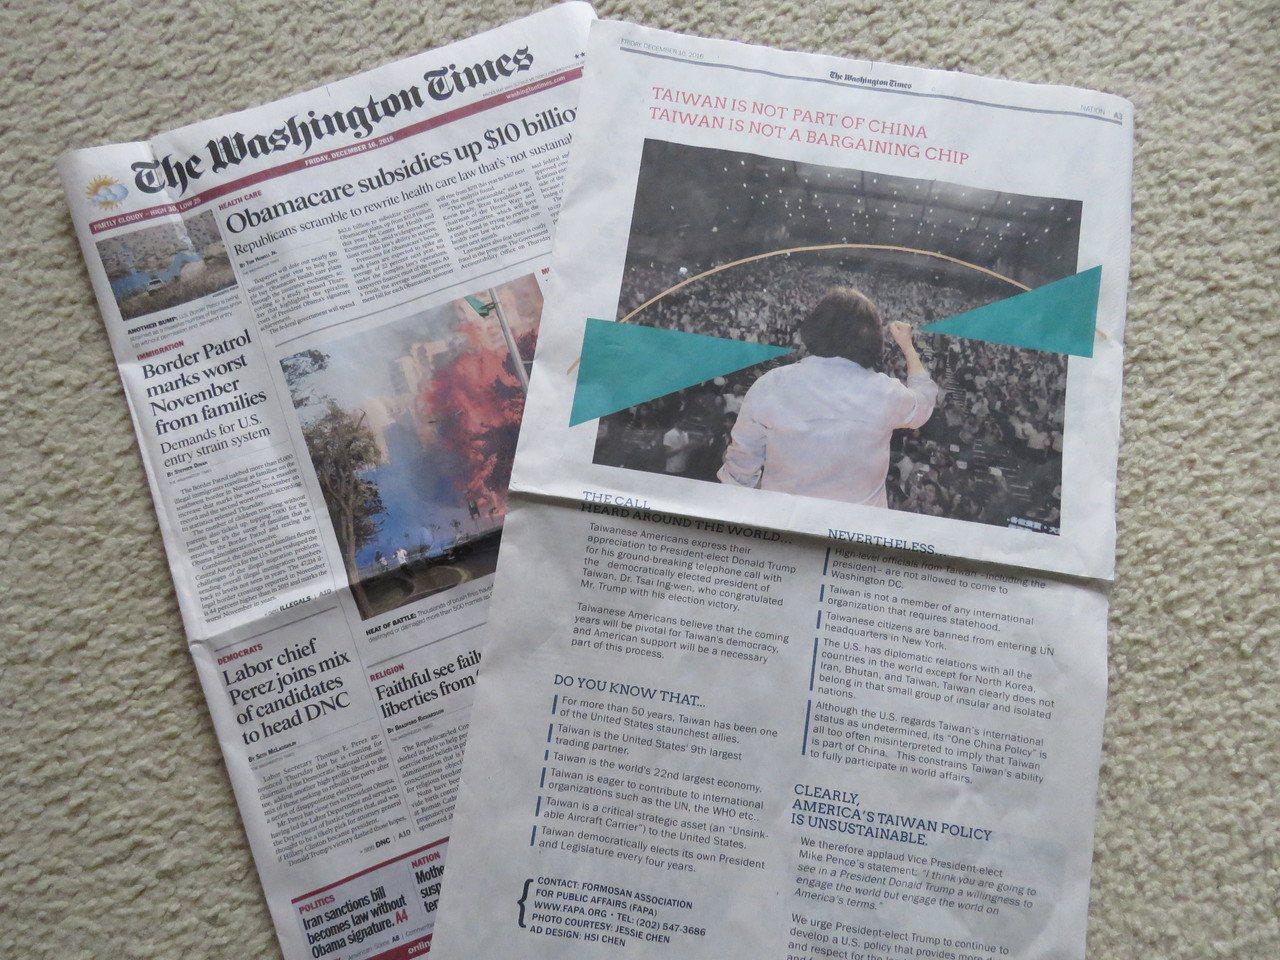 華盛頓時報16日刊登「台灣不是中國的一部分,台灣不是談判籌碼」全版彩色廣告。 華...